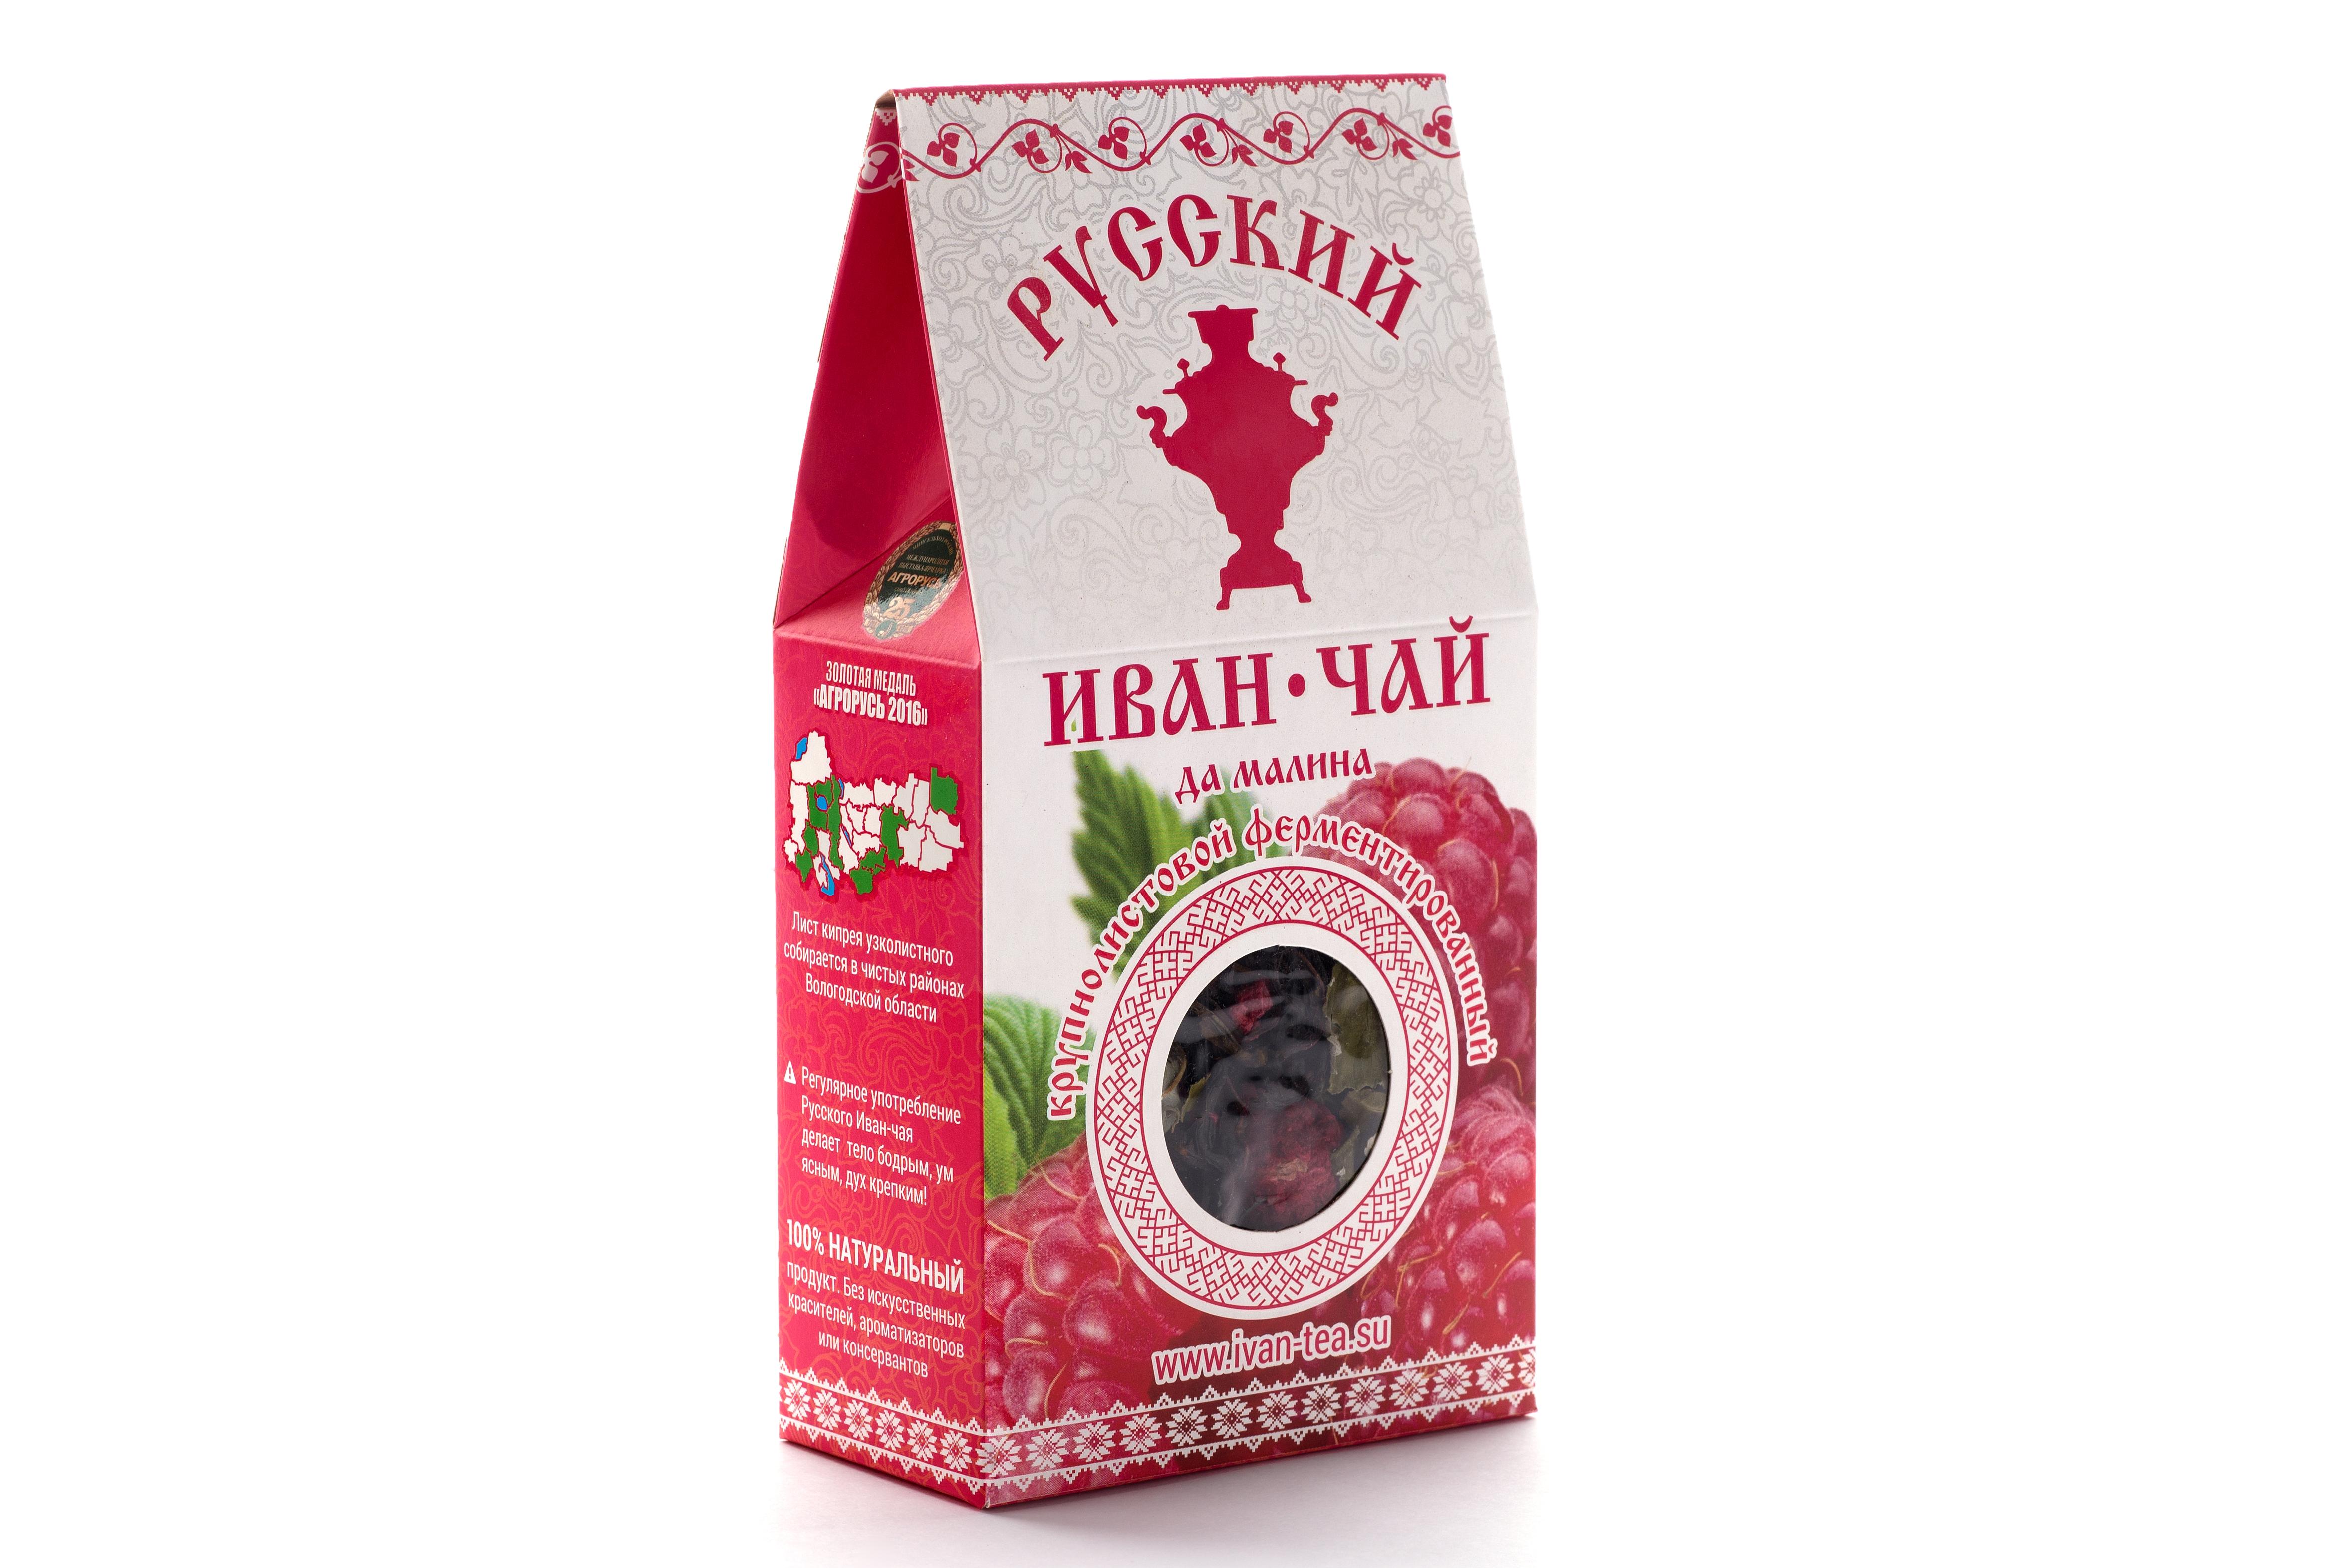 Recepció Ivan tea prosztatitis